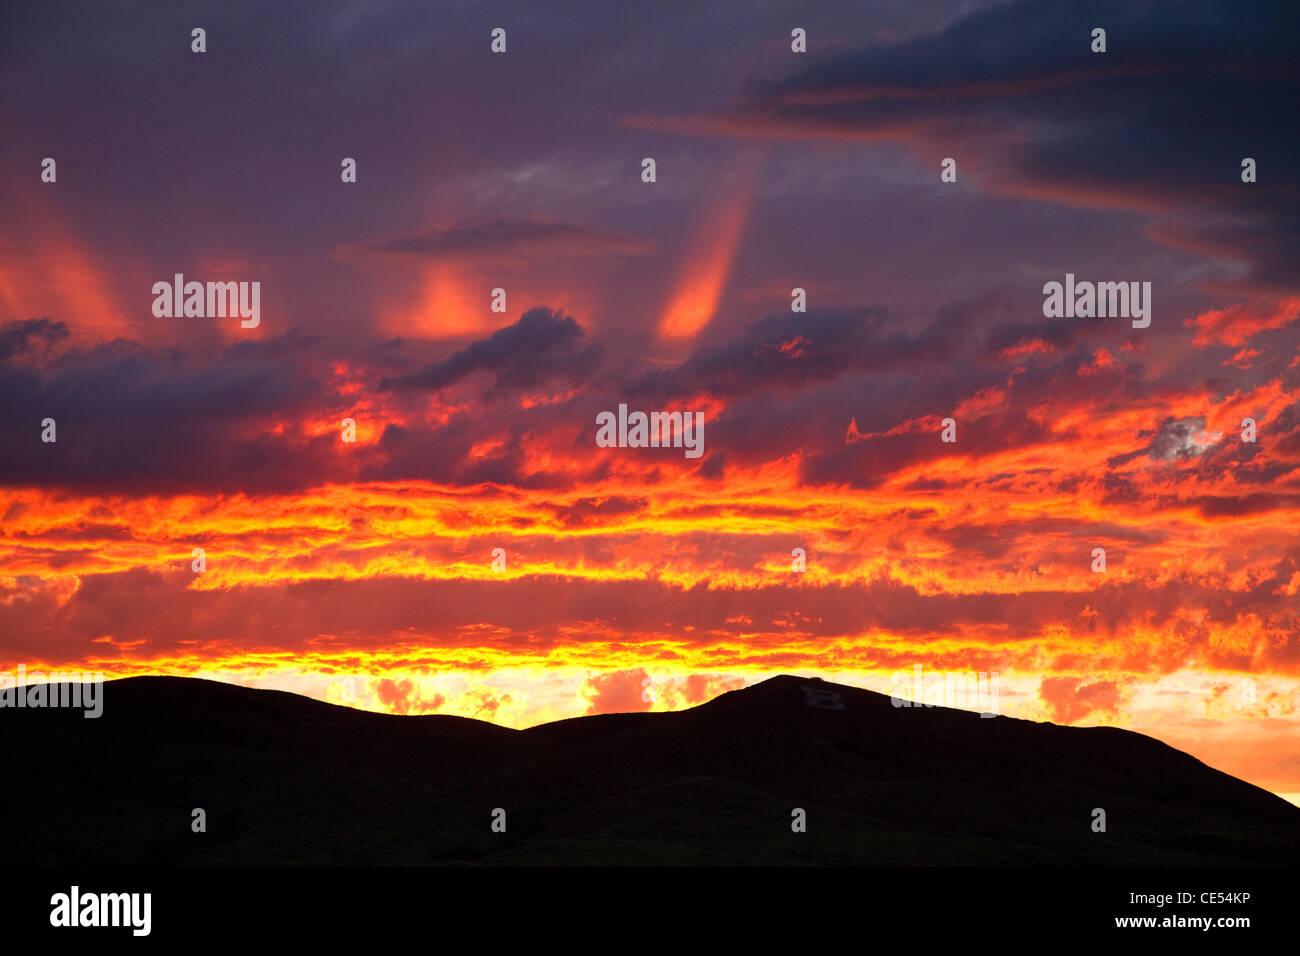 Puesta de sol a lo largo de la Interstate 15, cerca de Dillon, Montana, EE.UU. Imagen De Stock